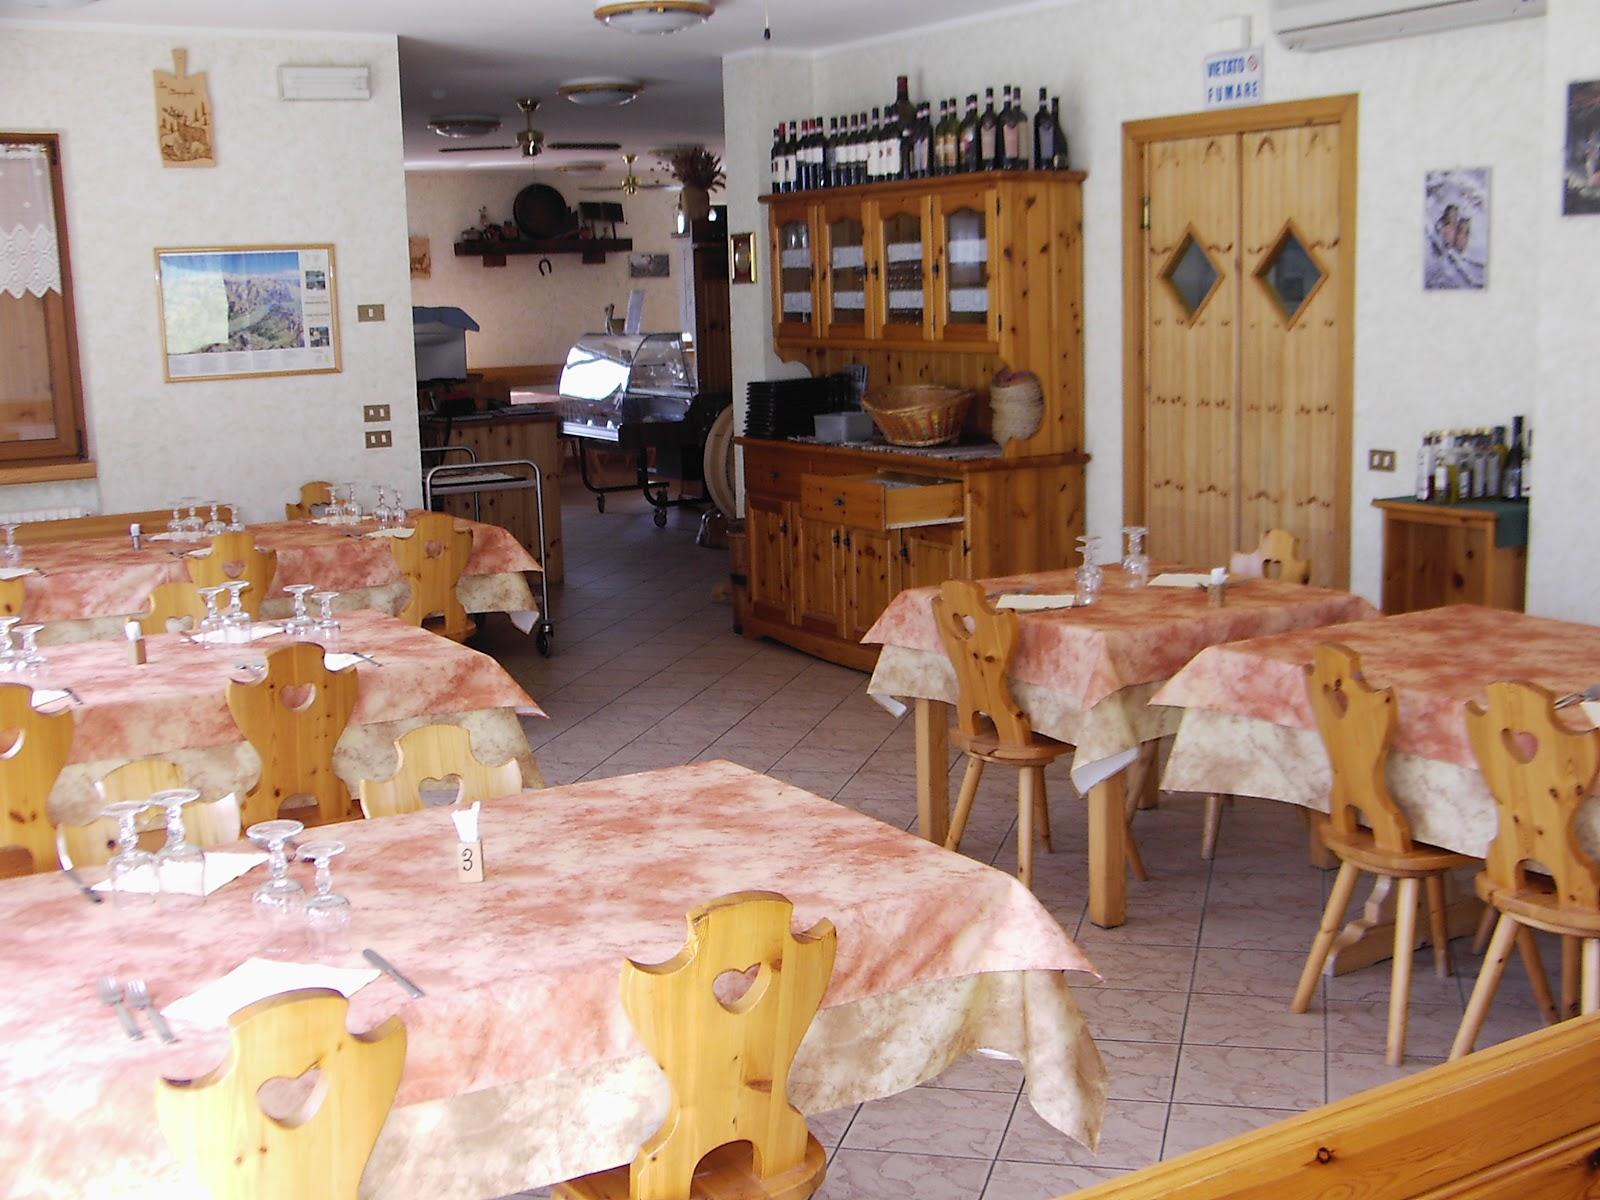 Agriturismo In Valtellina Gallery Immagini Della Struttura #9D6D2E 1600 1200 La Cucina Disegni Per Bambini